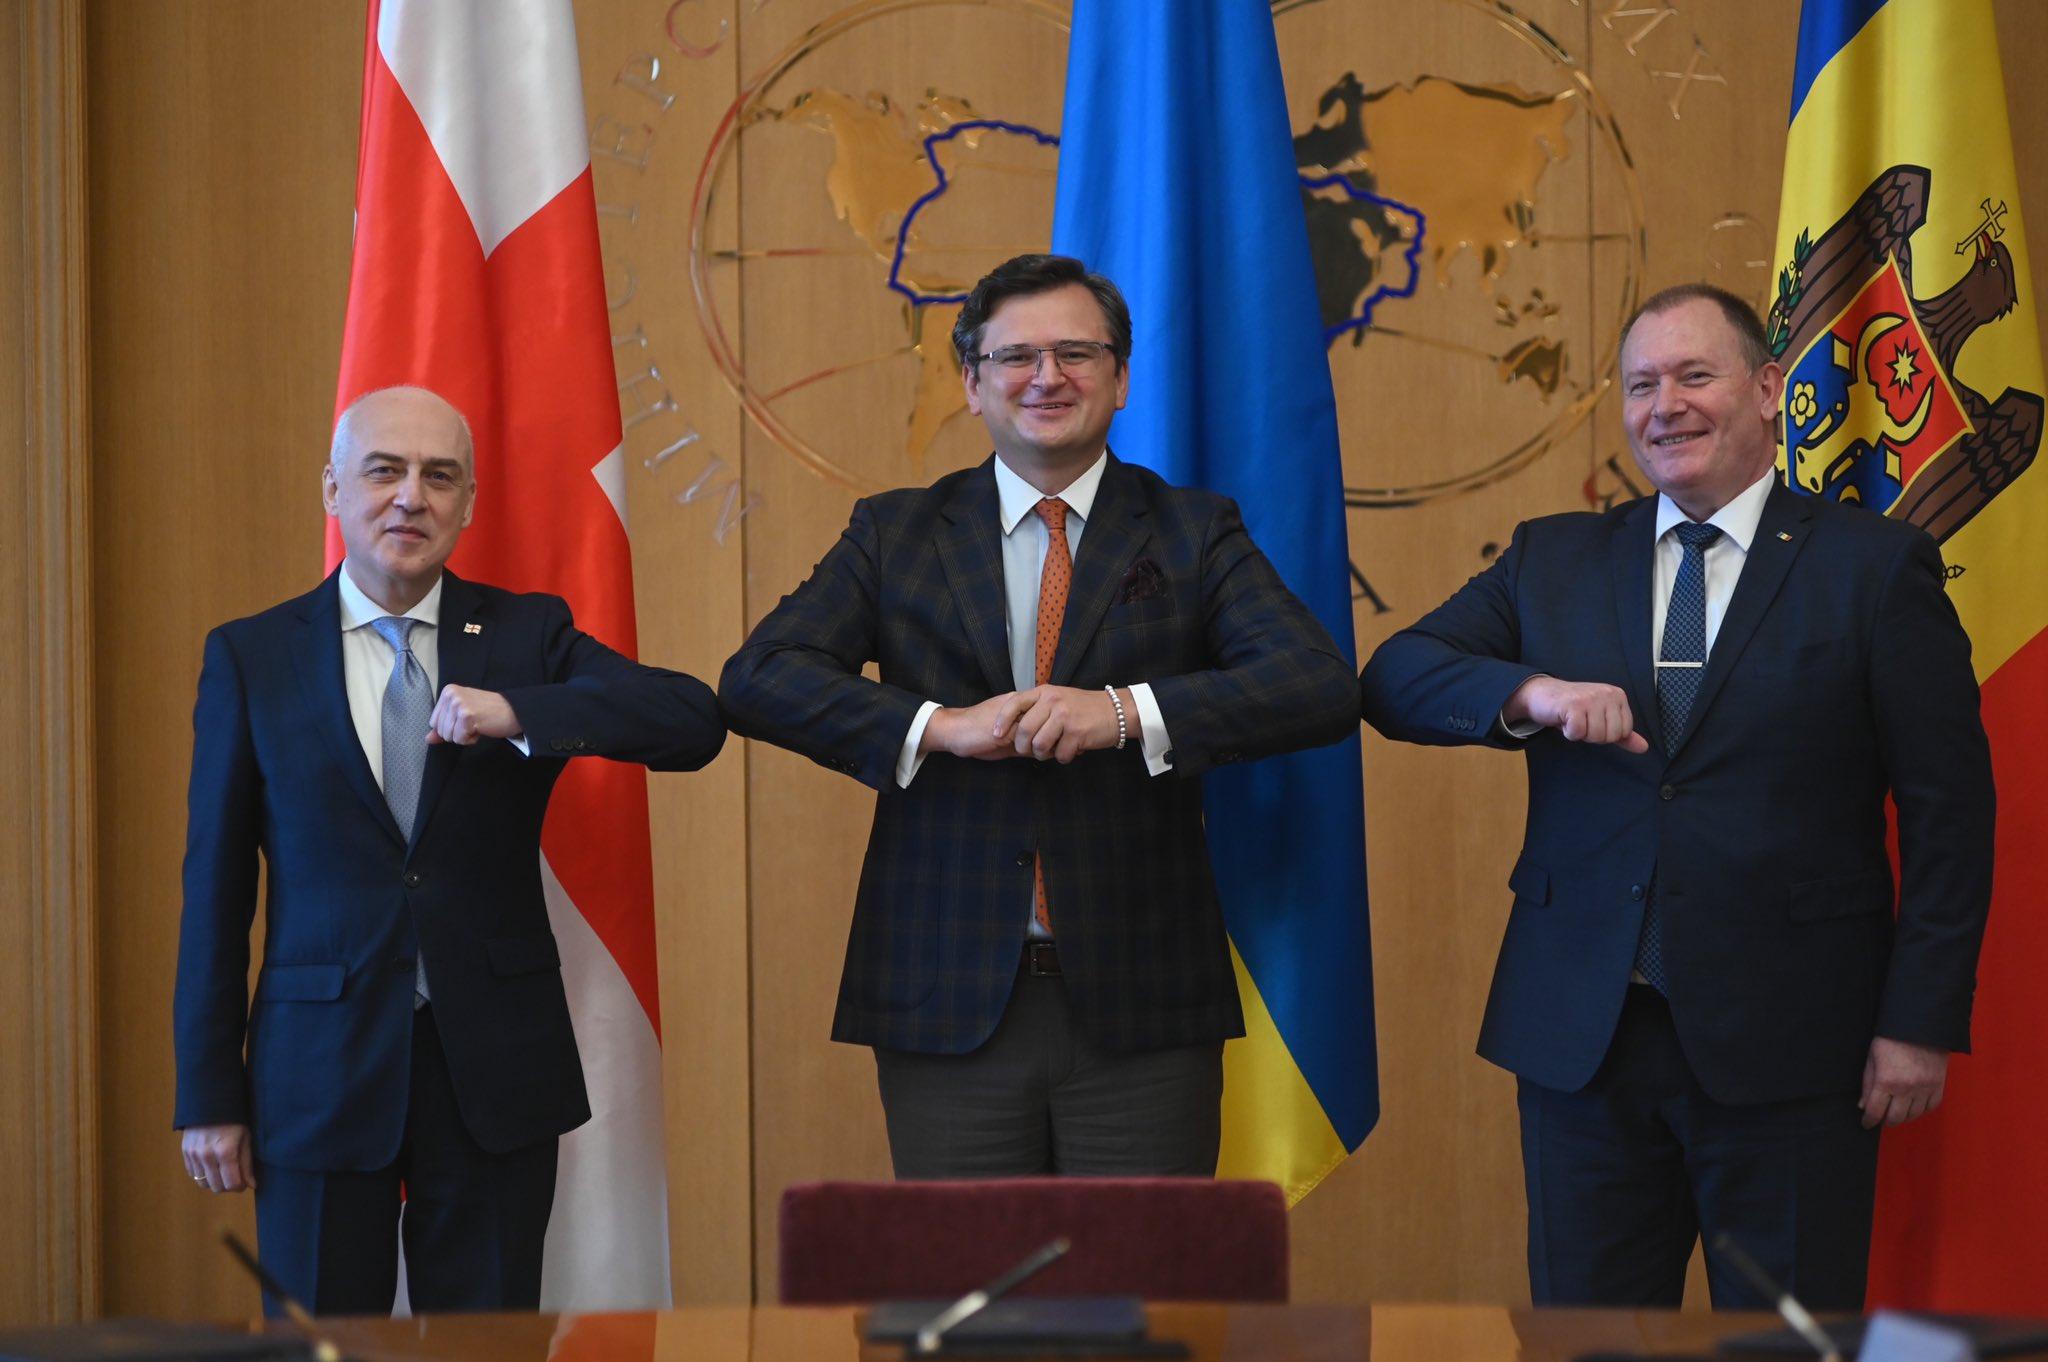 Евроинтеграция Украины, Молдовы и Грузии: страны стали ассоциированным трио на пути в ЕС 3